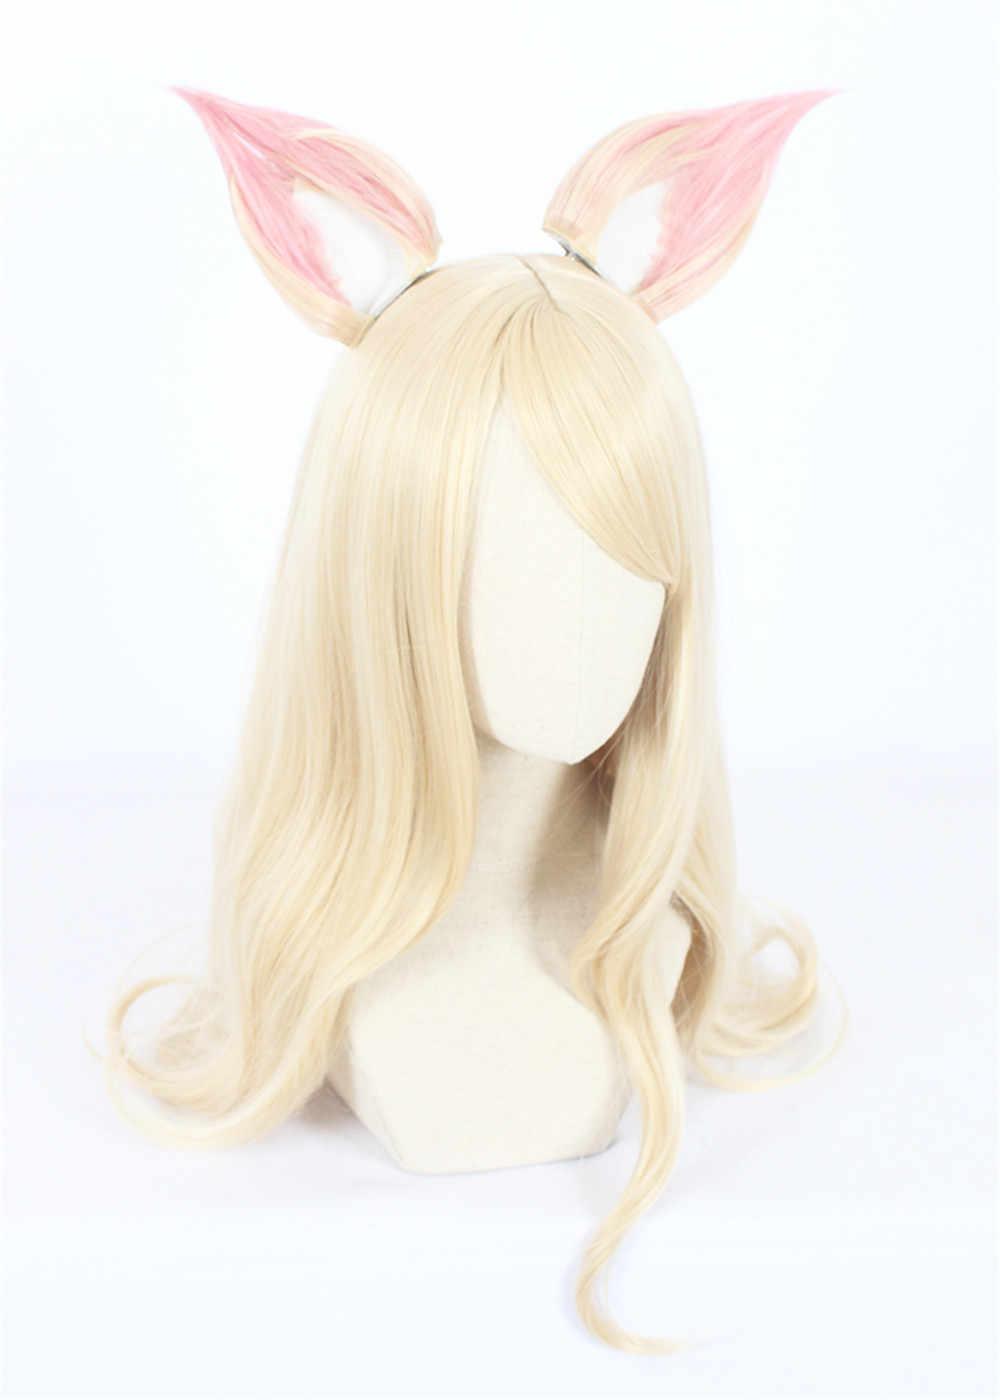 Лол K/DA Ahri косплэй Искусственные парики 90 см с ушками кДа термостойкие синтетические волосы Perucas косплэй парик